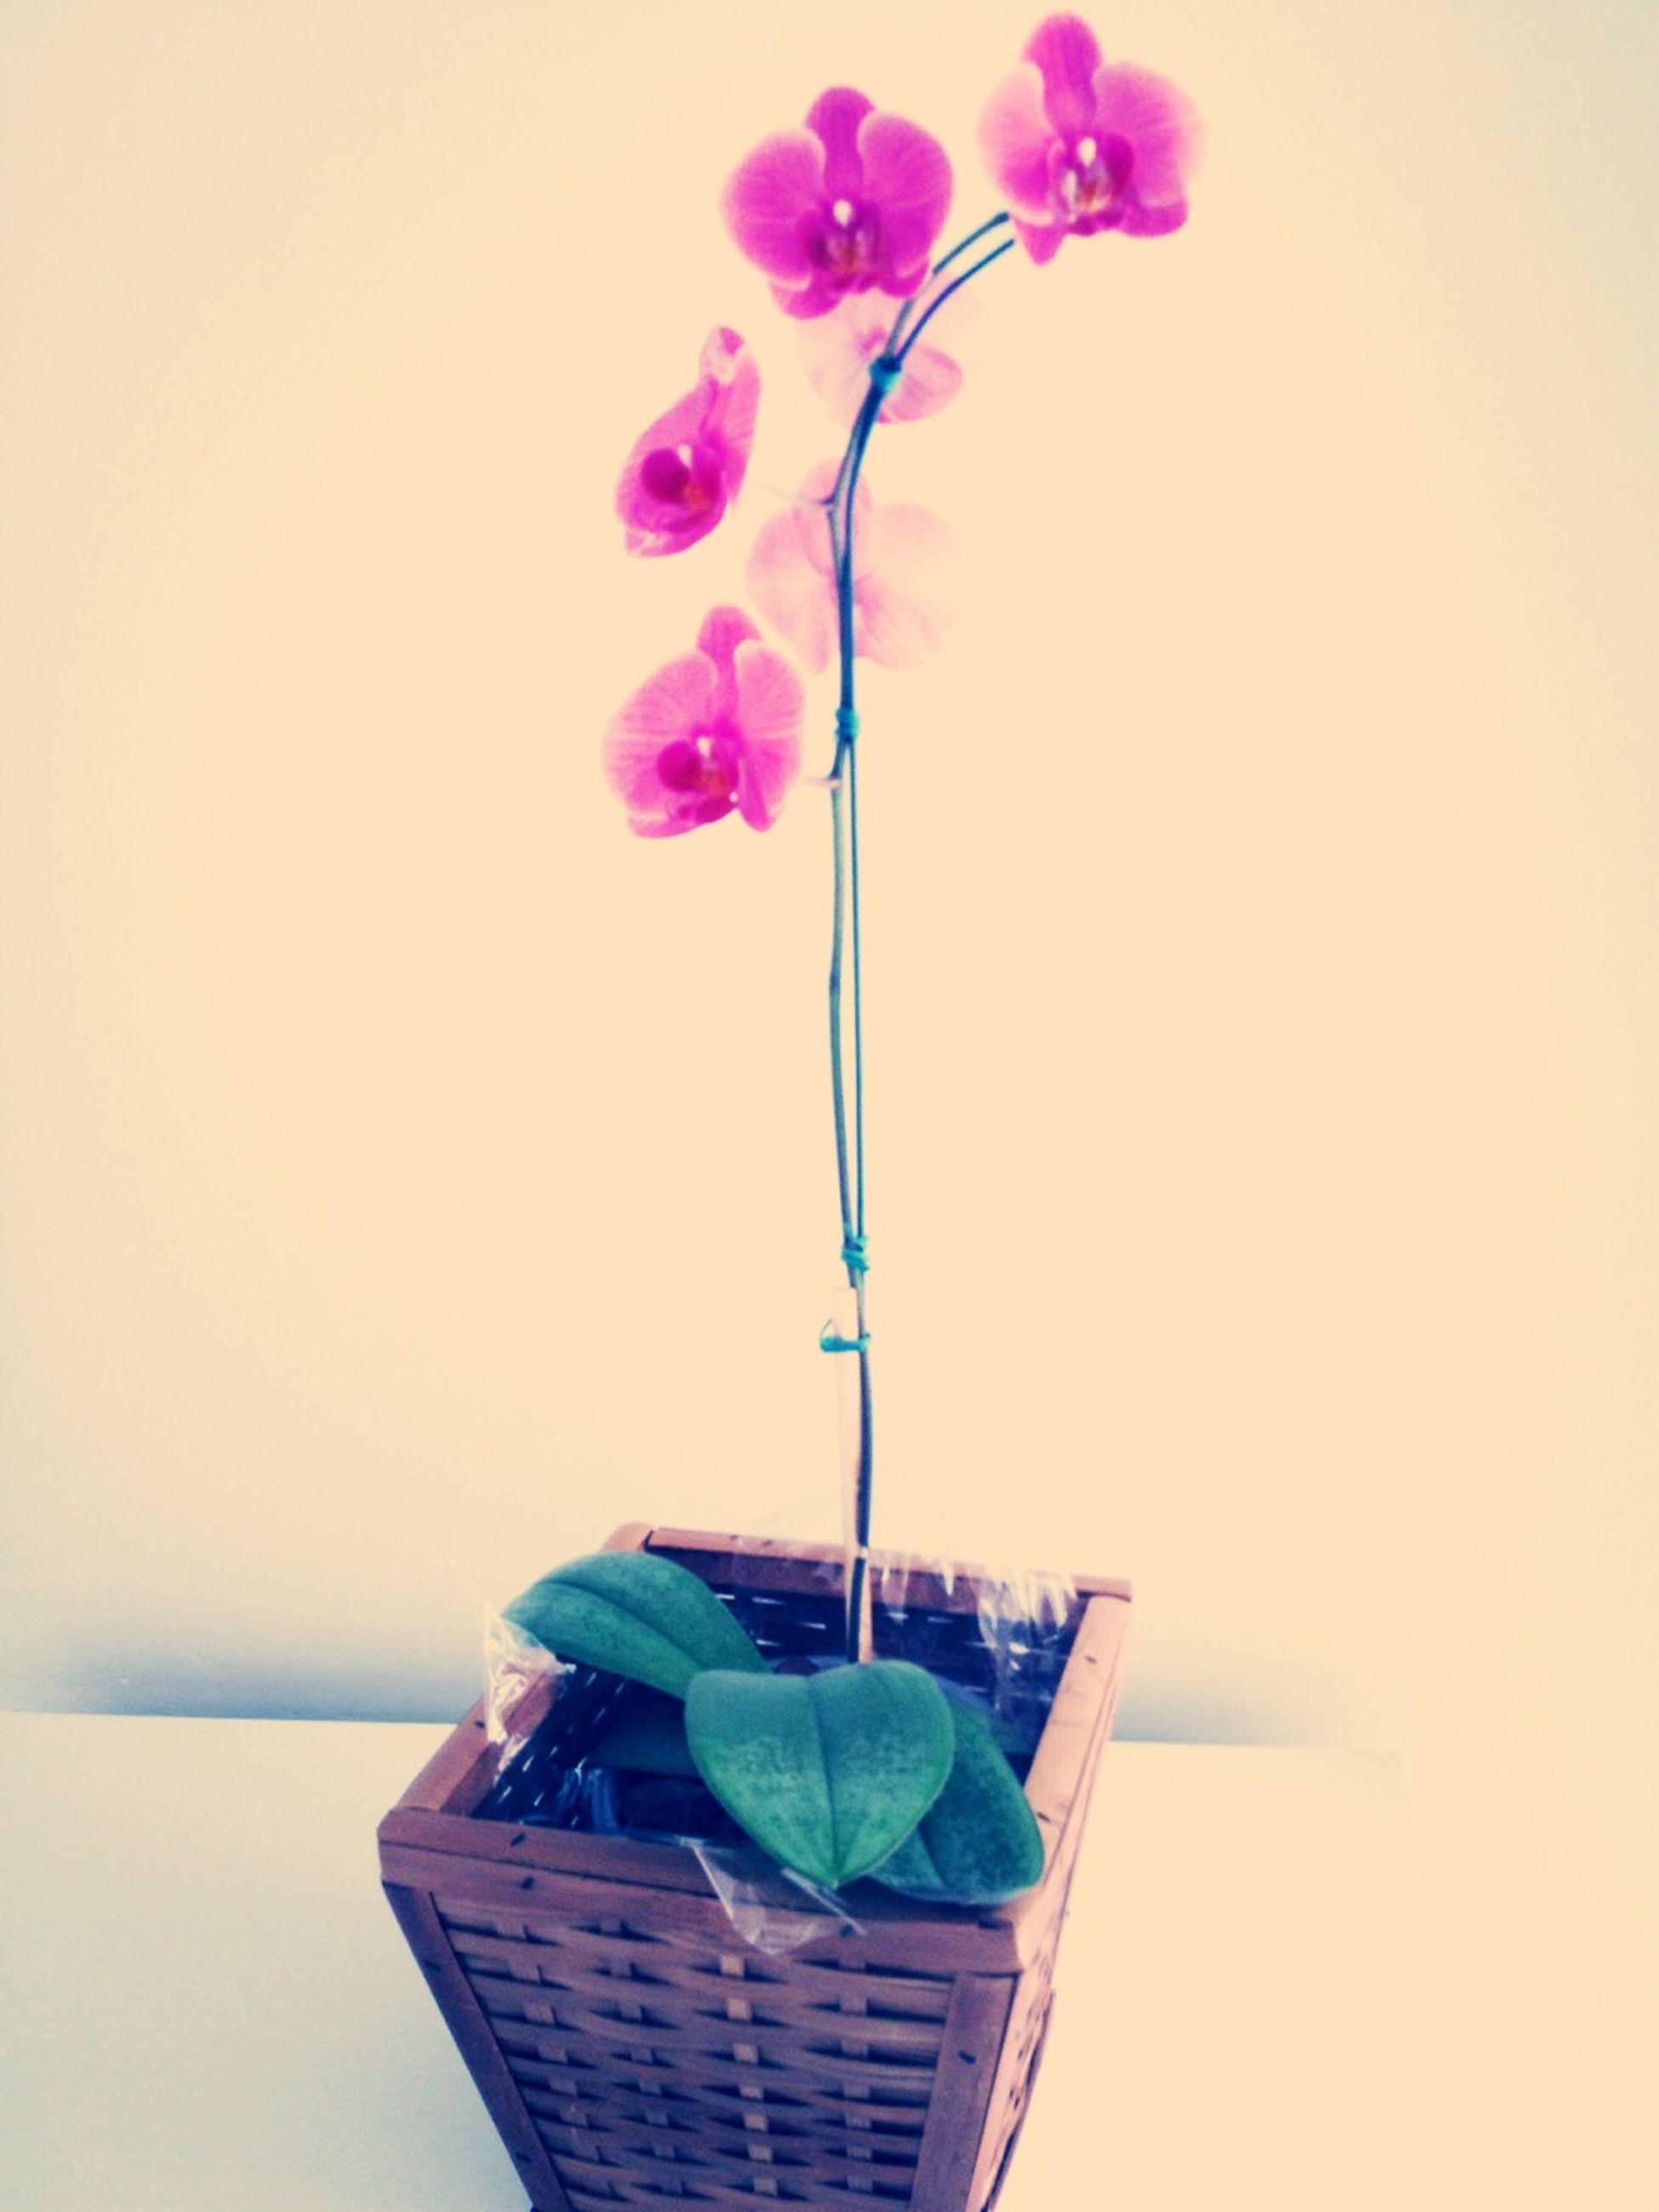 ganhar Flores è Tao Bom, ganhar de quem se ama é melhor ainda. Te amo Jorge Castro.